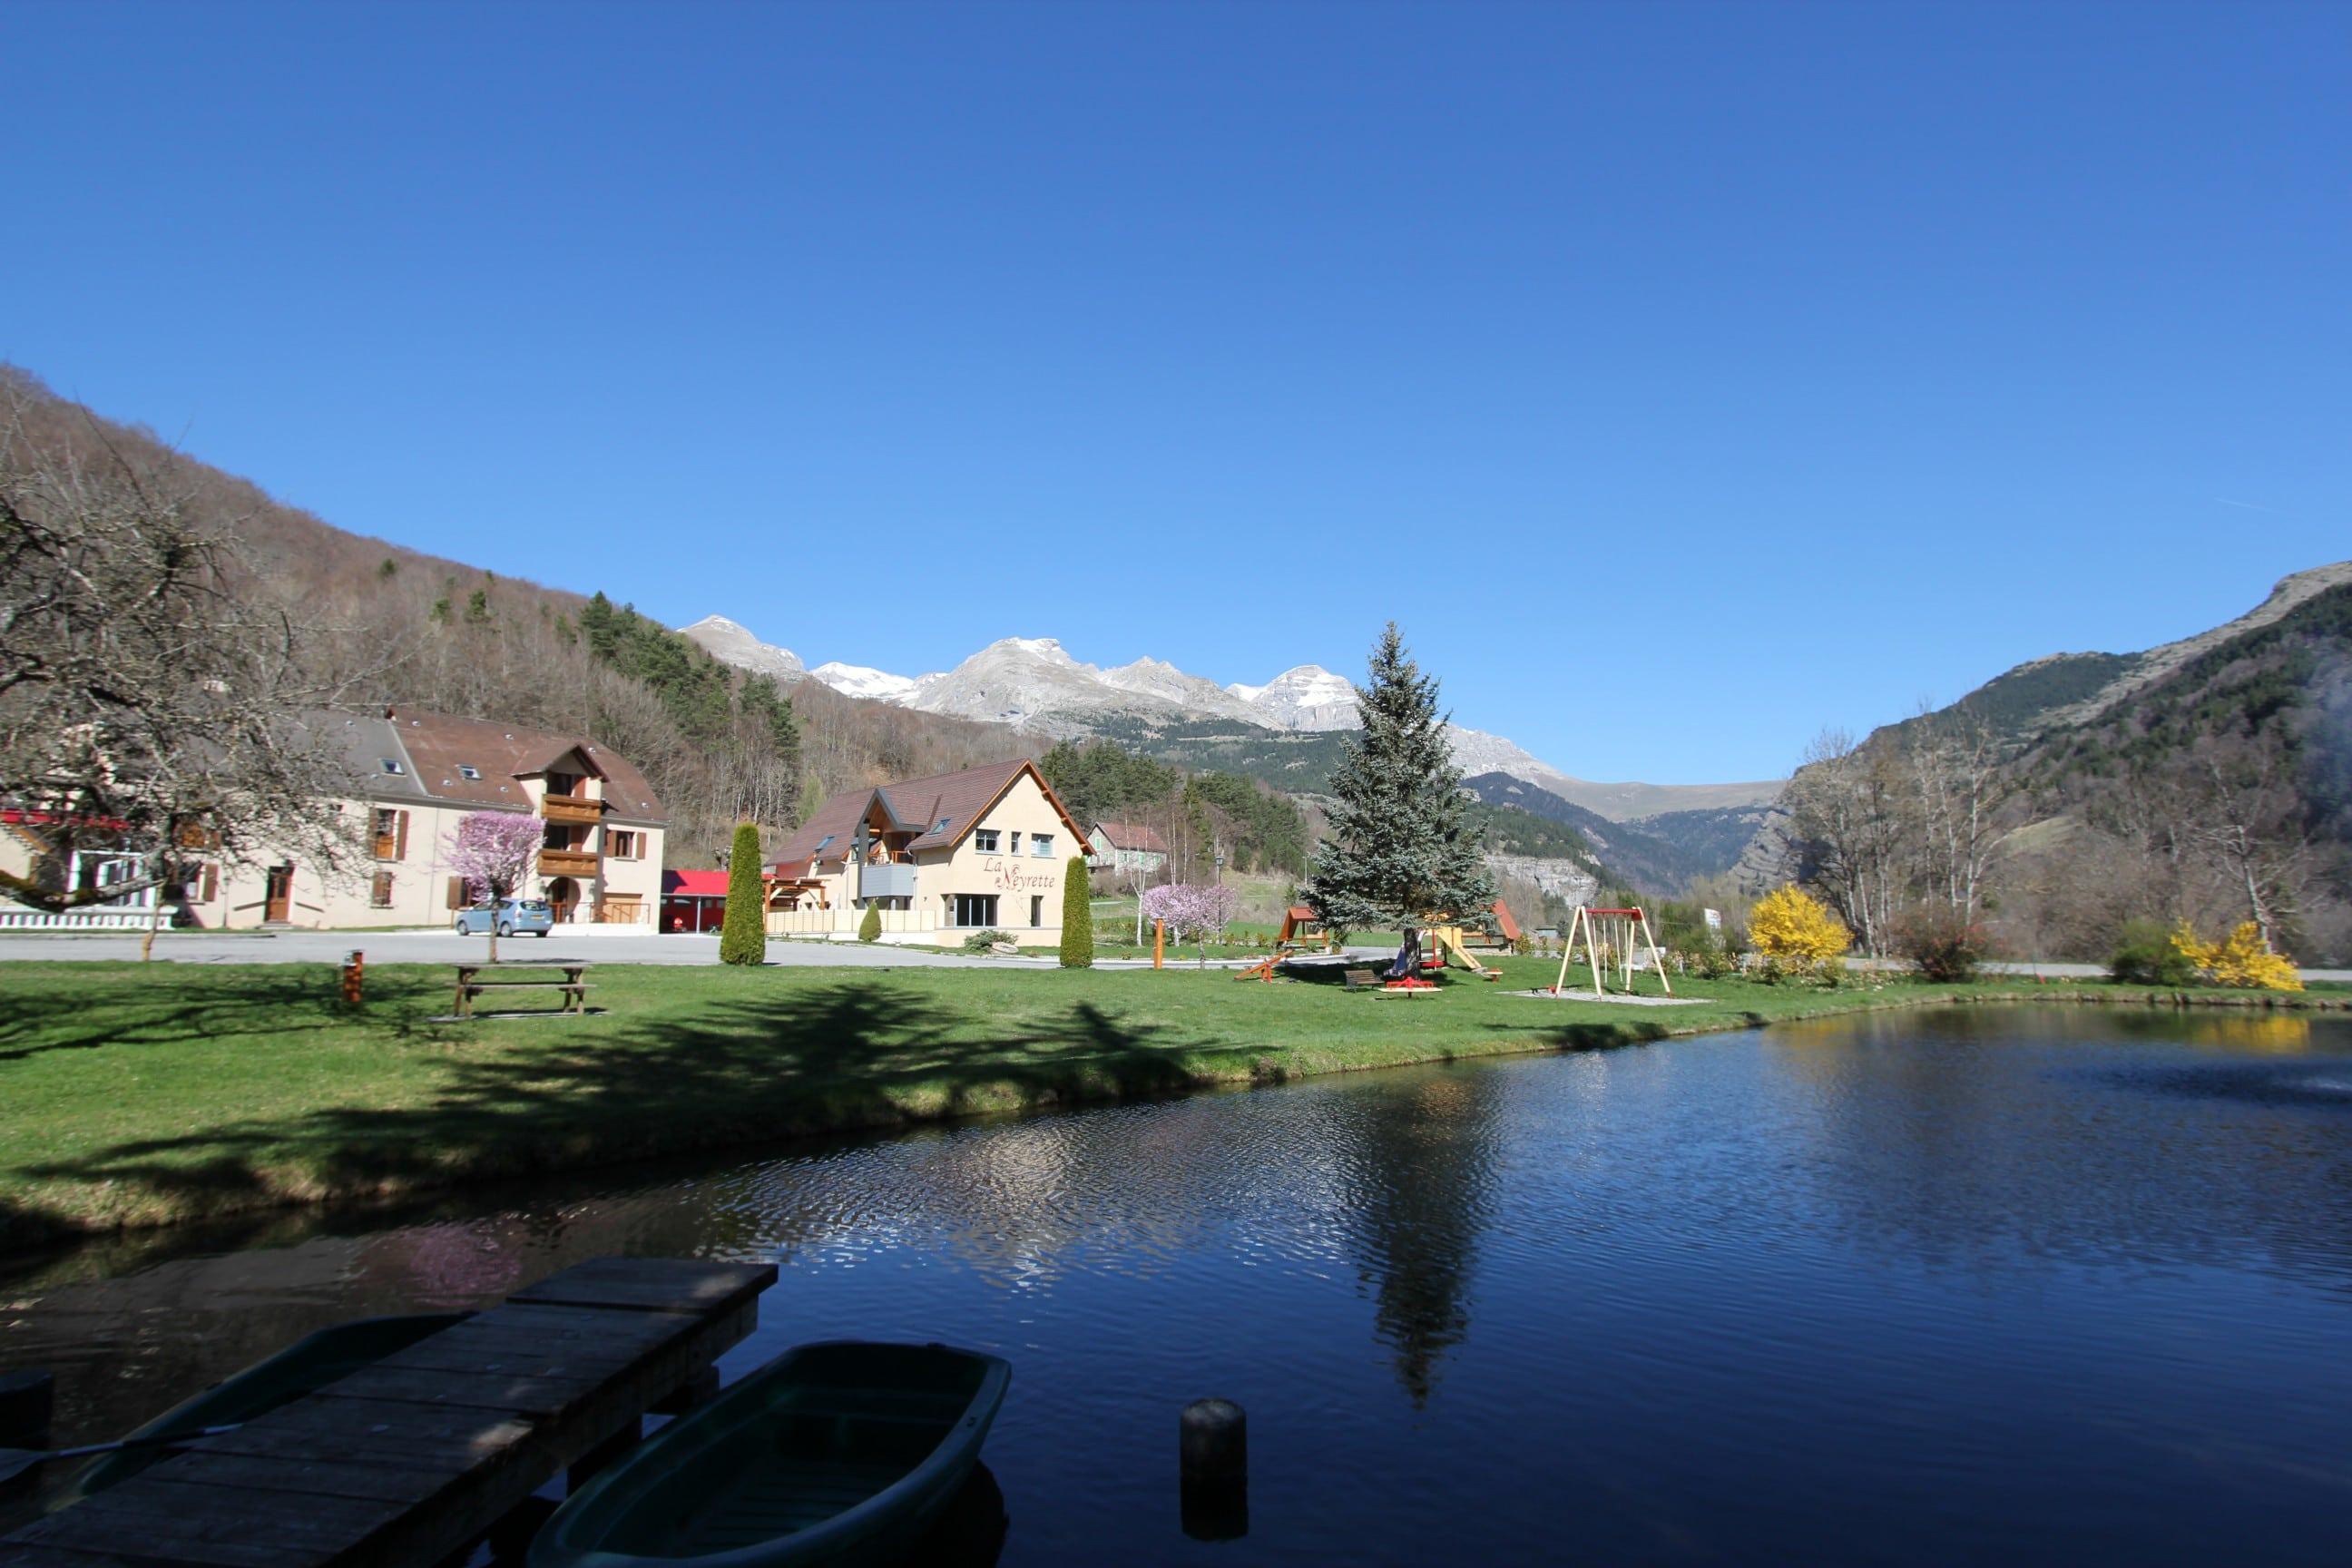 Vue-Hôtel-Lac